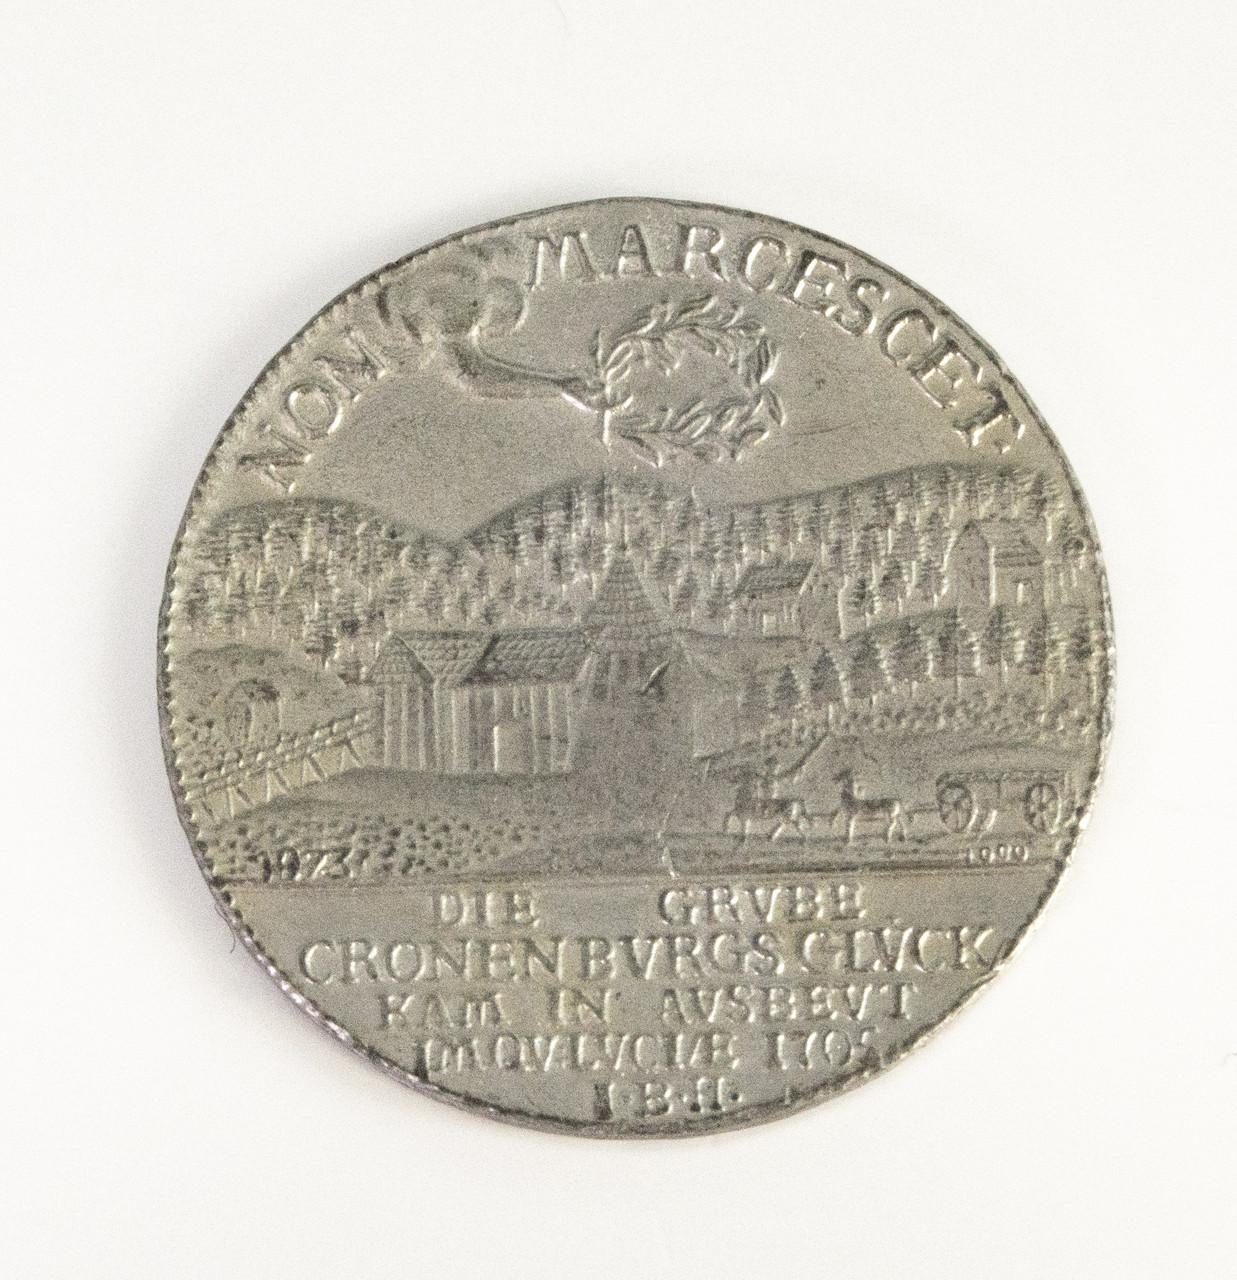 Сувенирная монета, скорее всего из олова, Германия